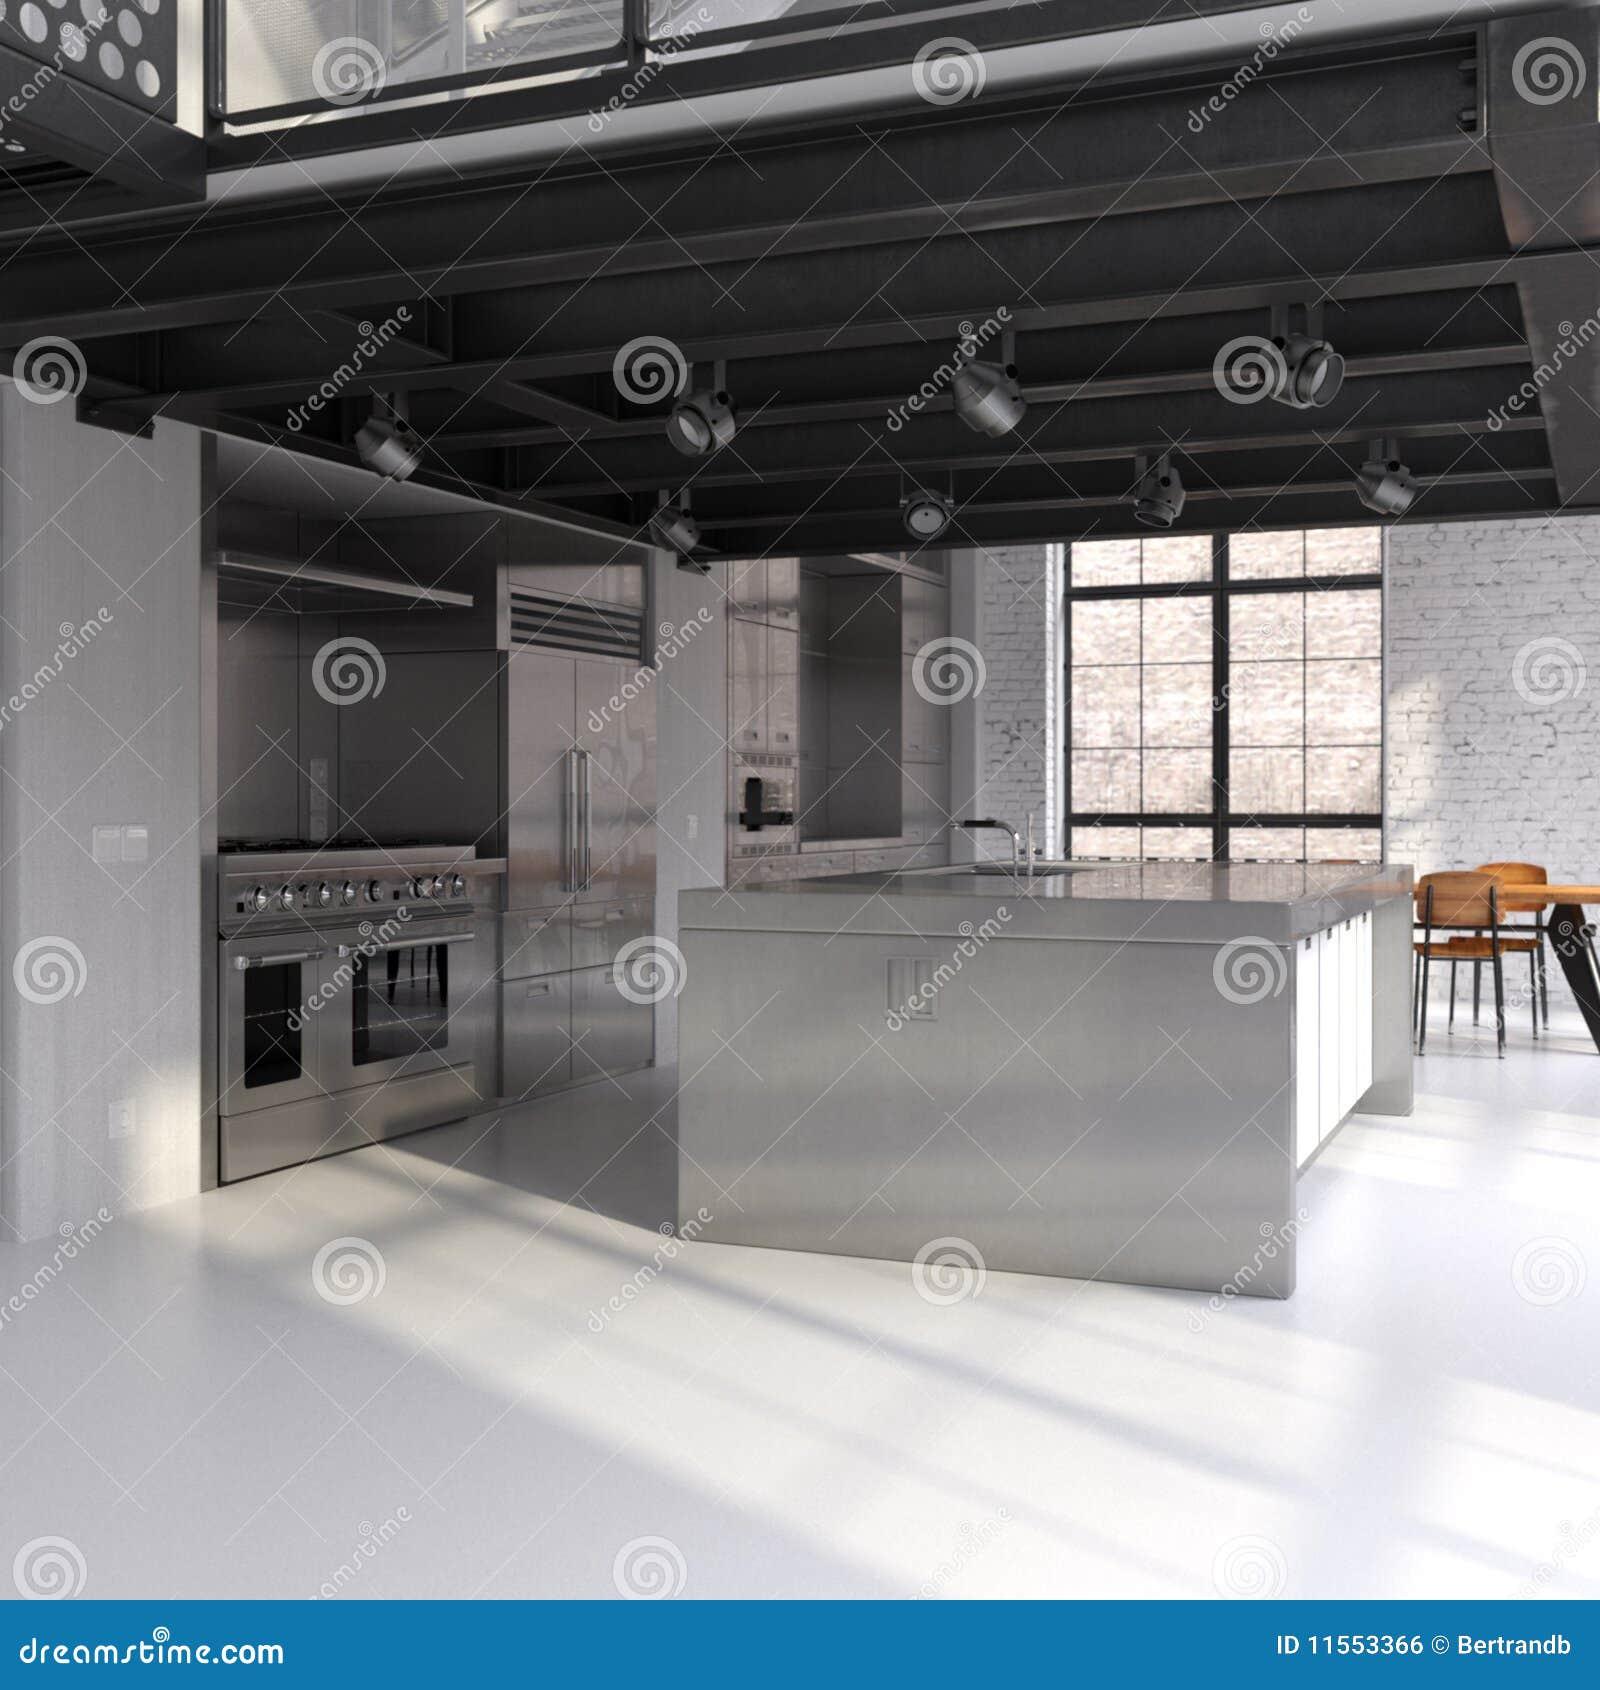 Moderne Küche In Konvertiertem Dachboden Stockfoto - Bild von ...